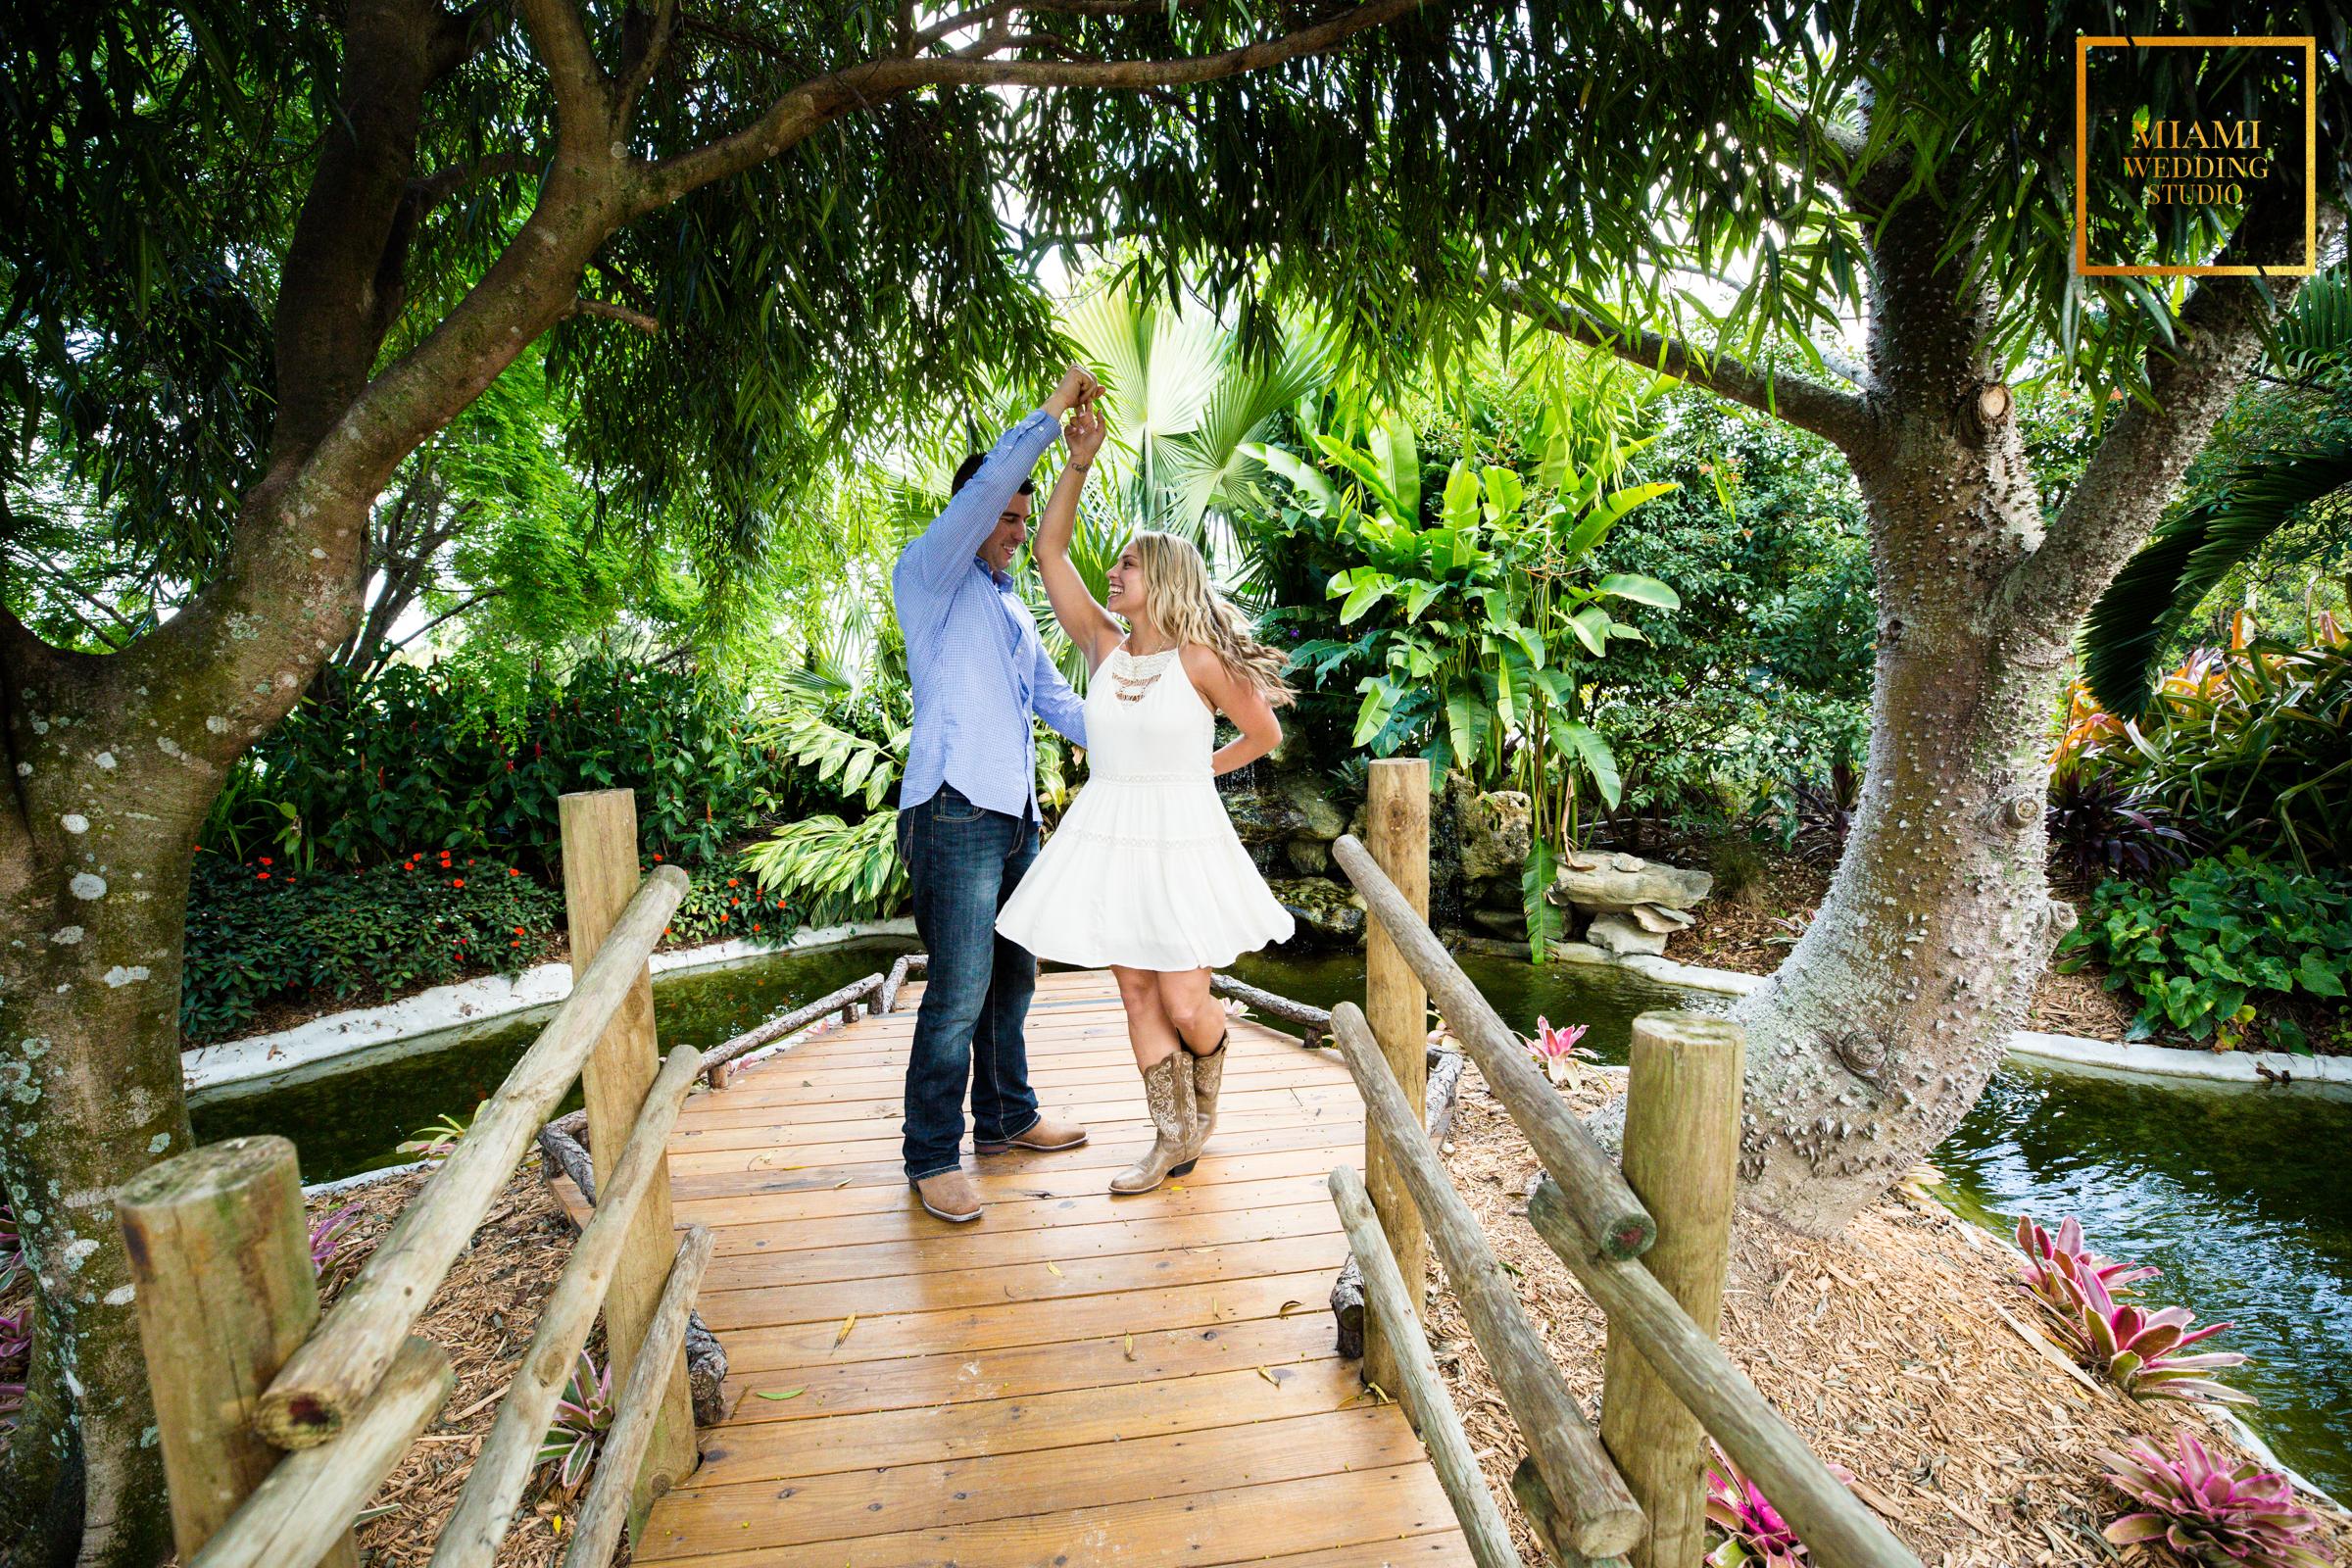 Miami Wedding Studio Marketing-4493.jpg